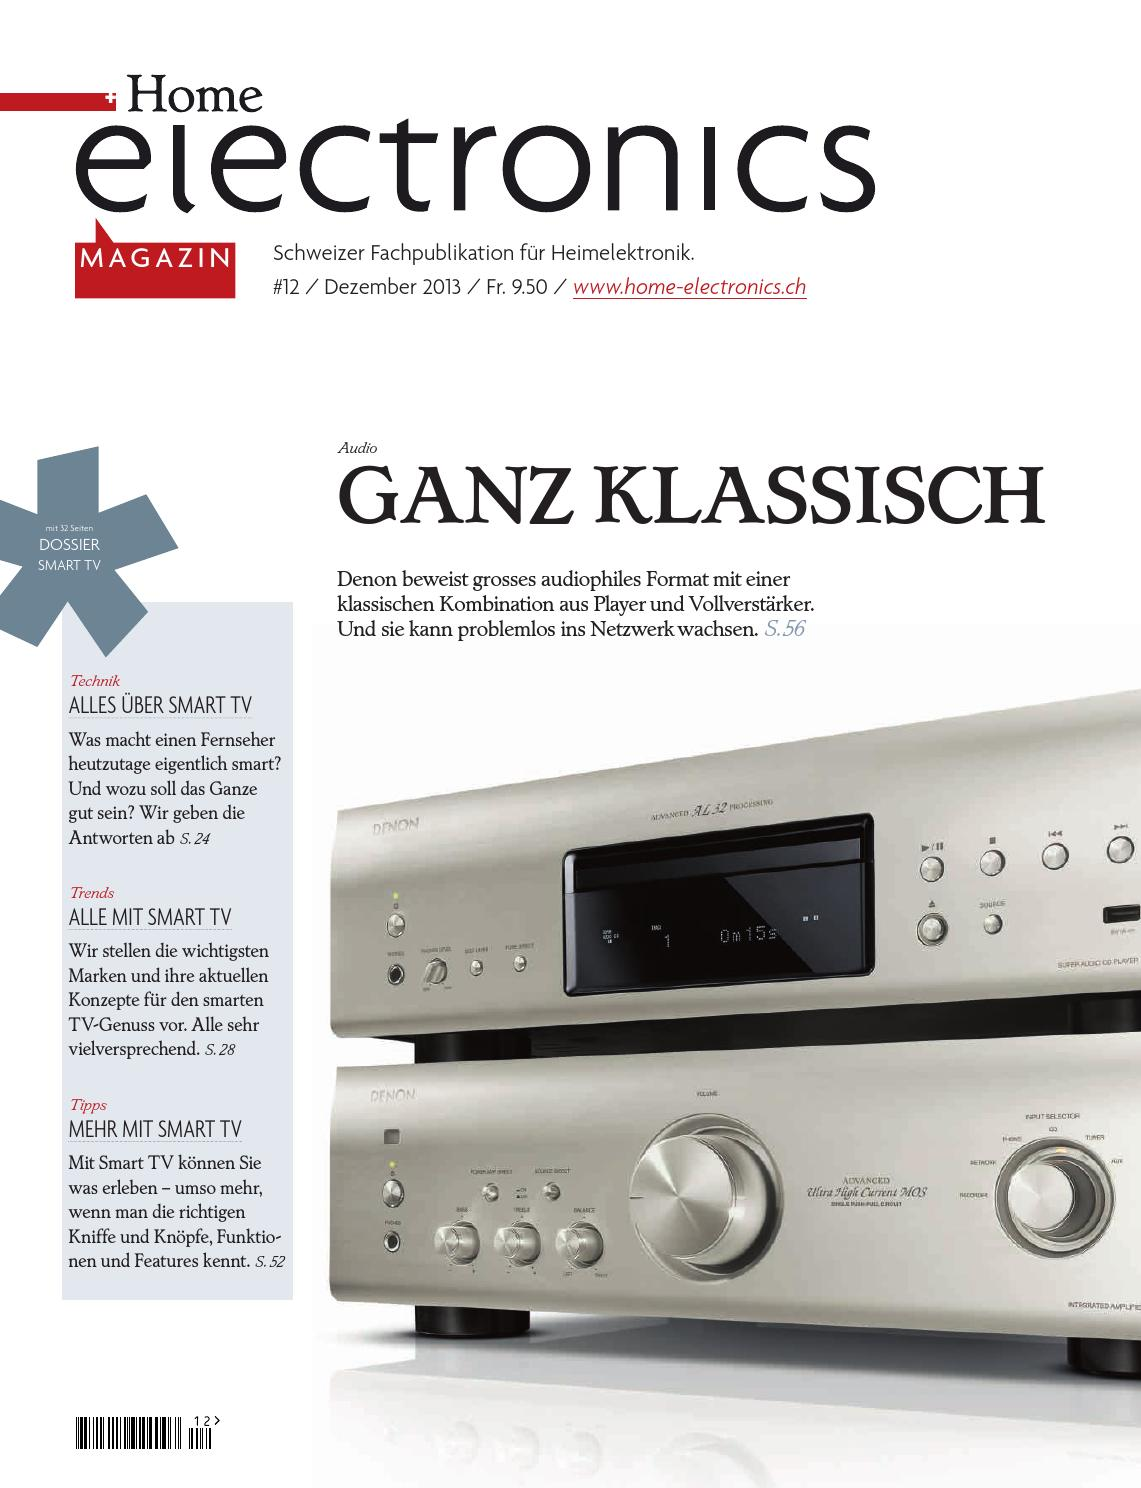 Gemütlich Heim Audio Netzwerk Galerie - Elektrische Schaltplan-Ideen ...